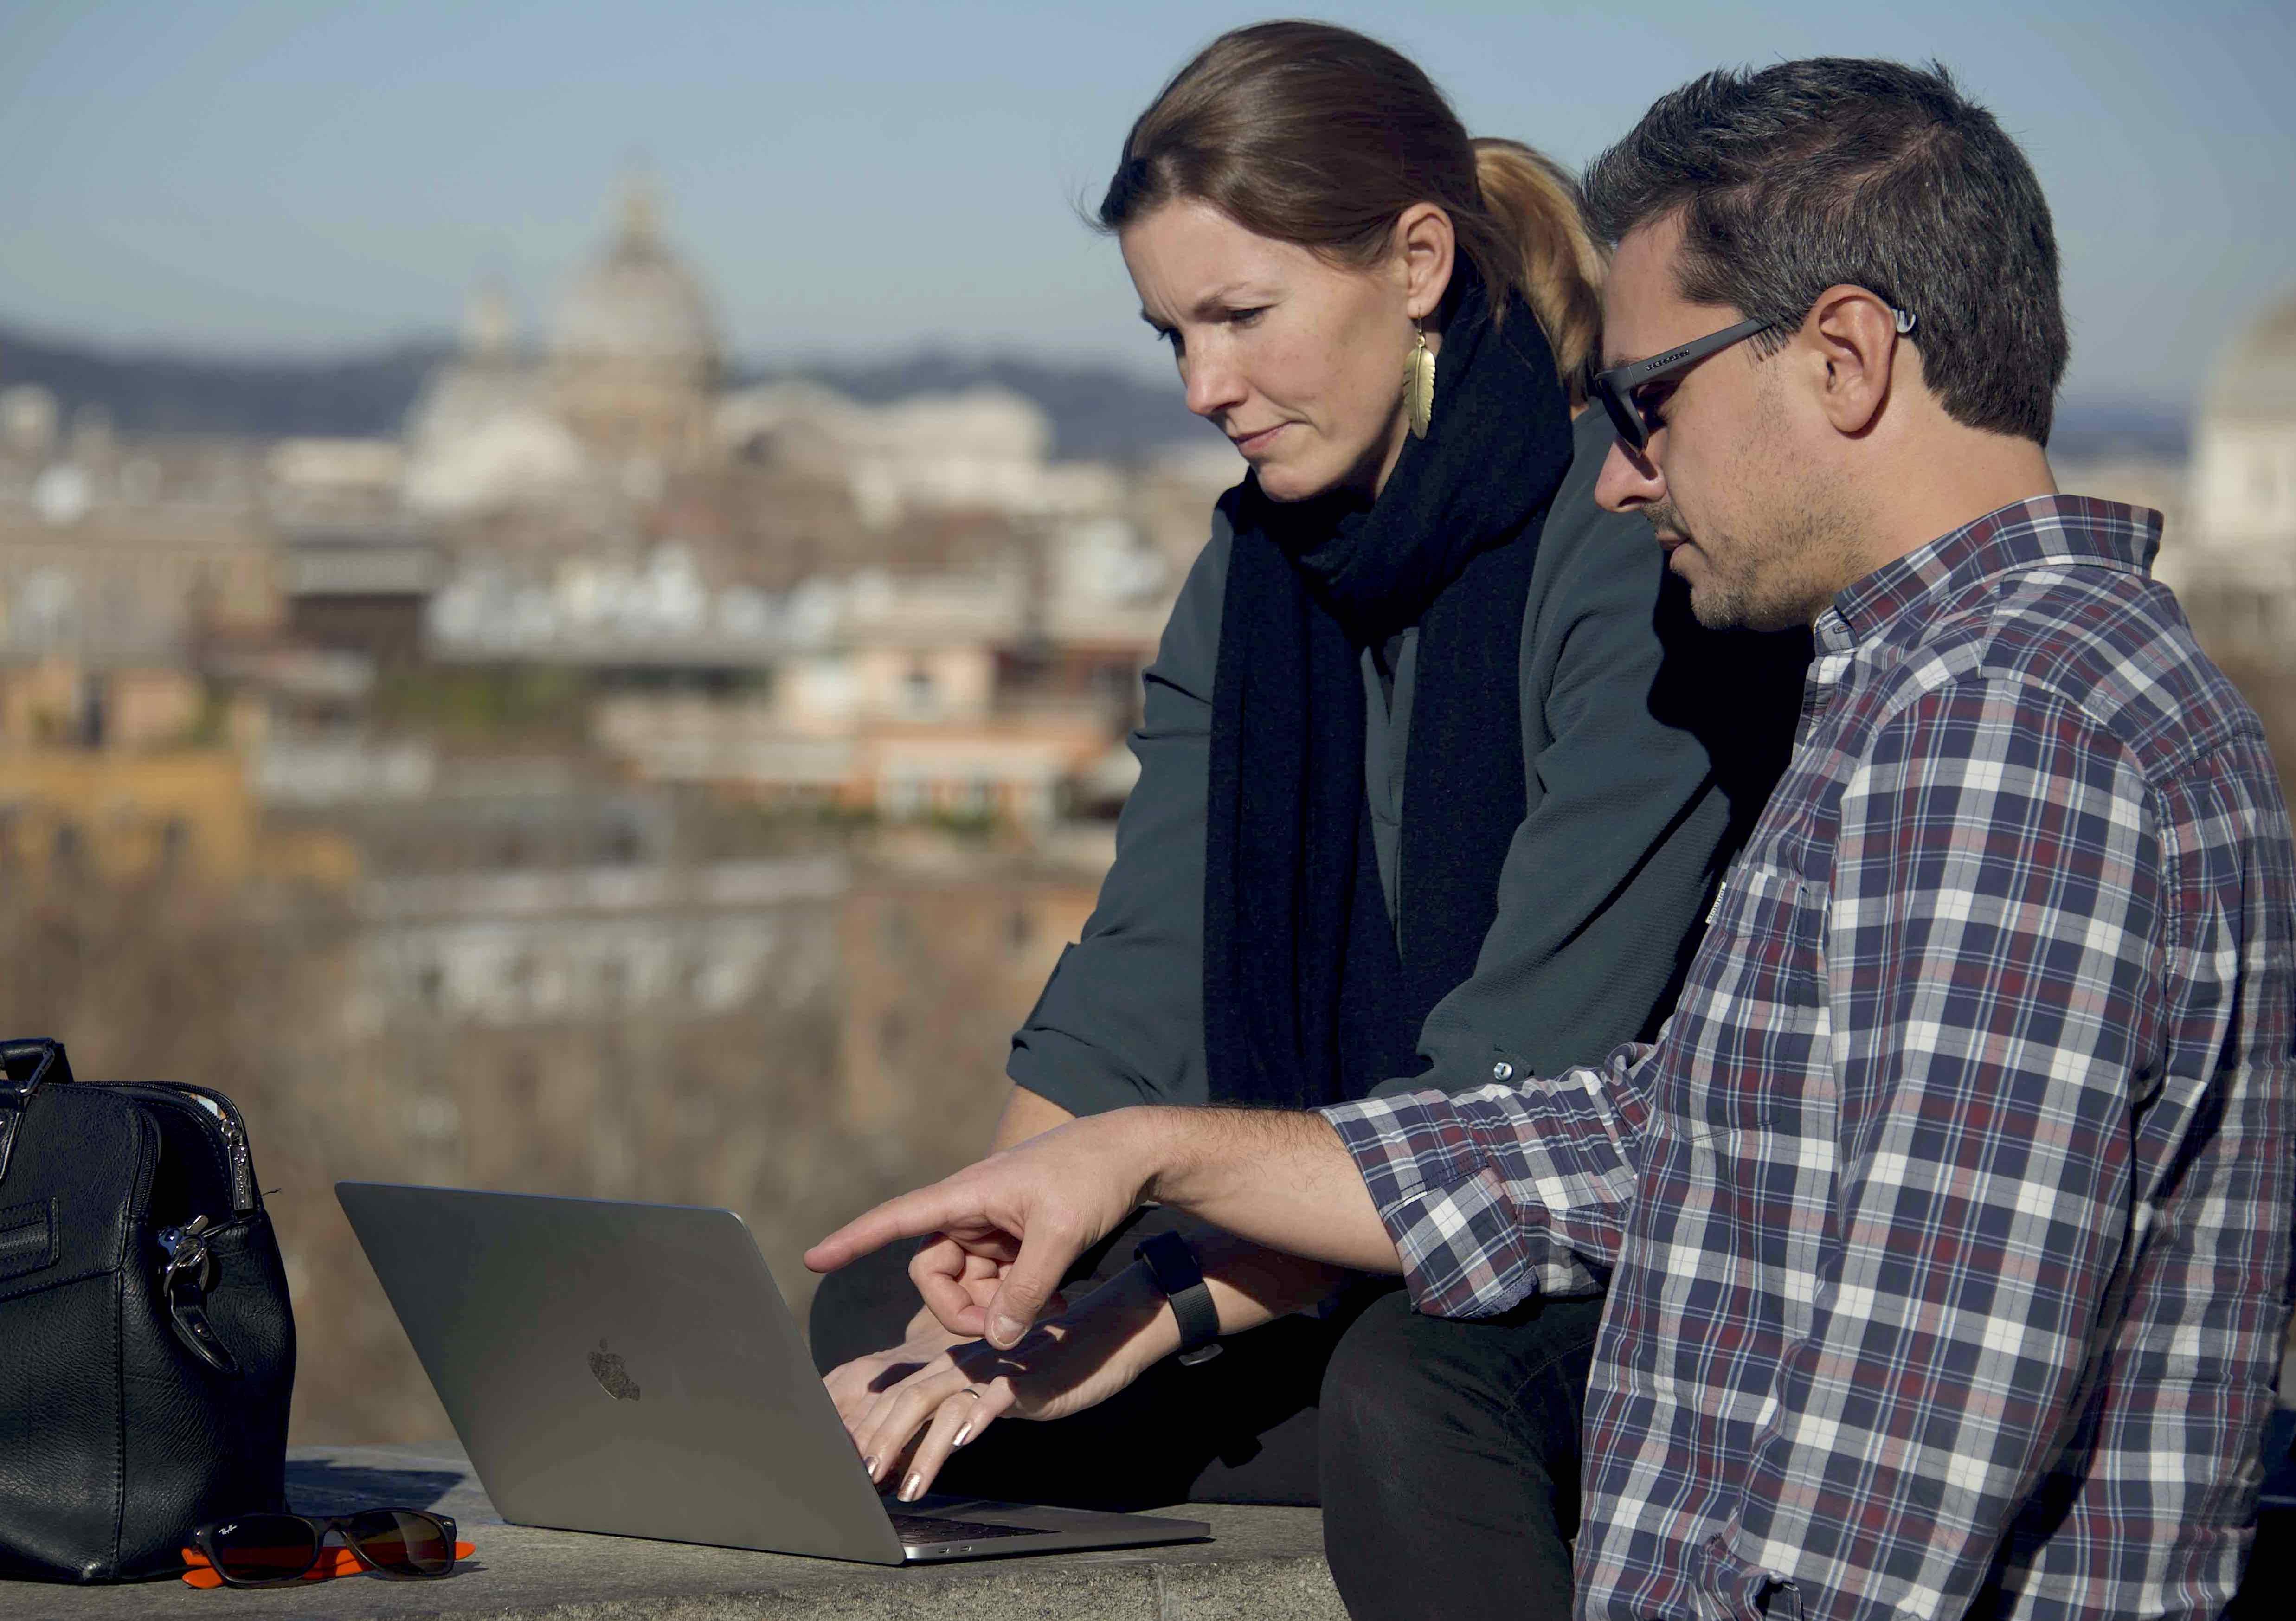 Andrea e Madde working